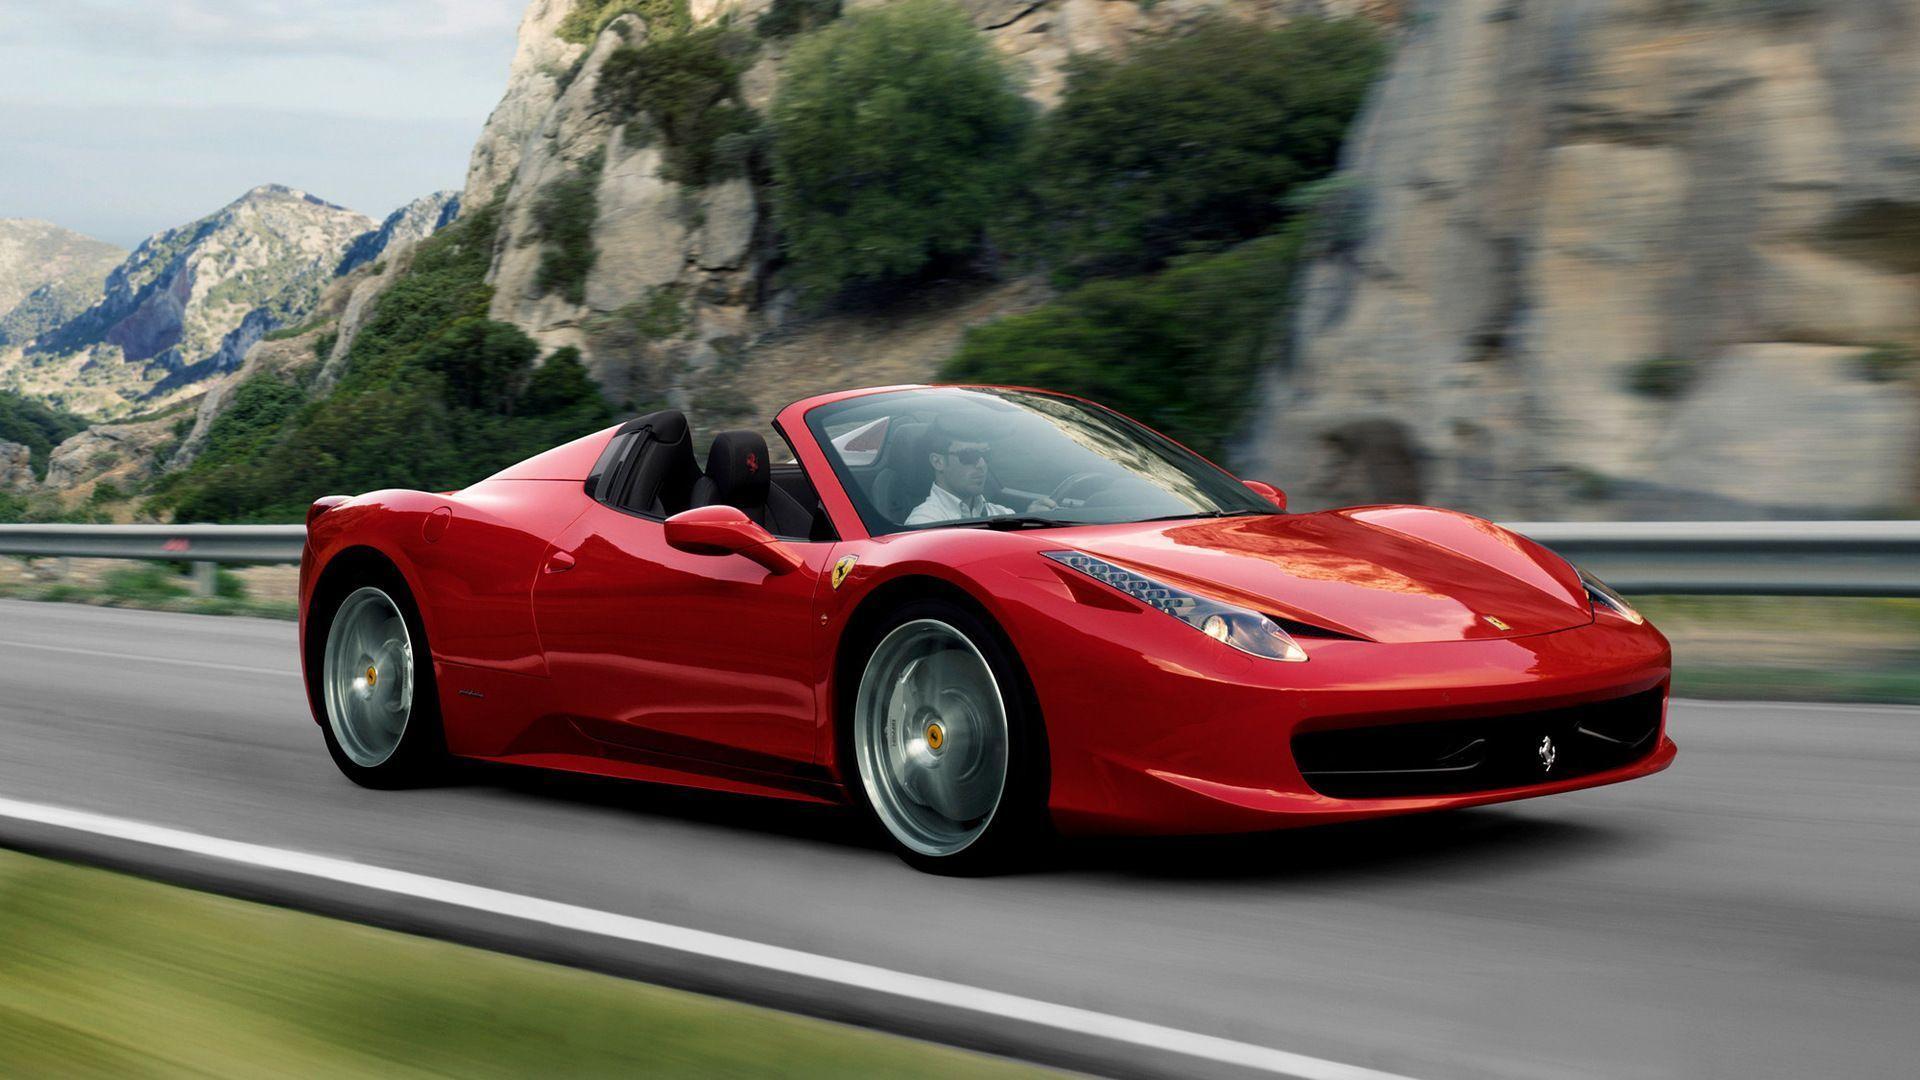 2016 Ferrari 458 Italia Wallpapers - Wallpaper Cave